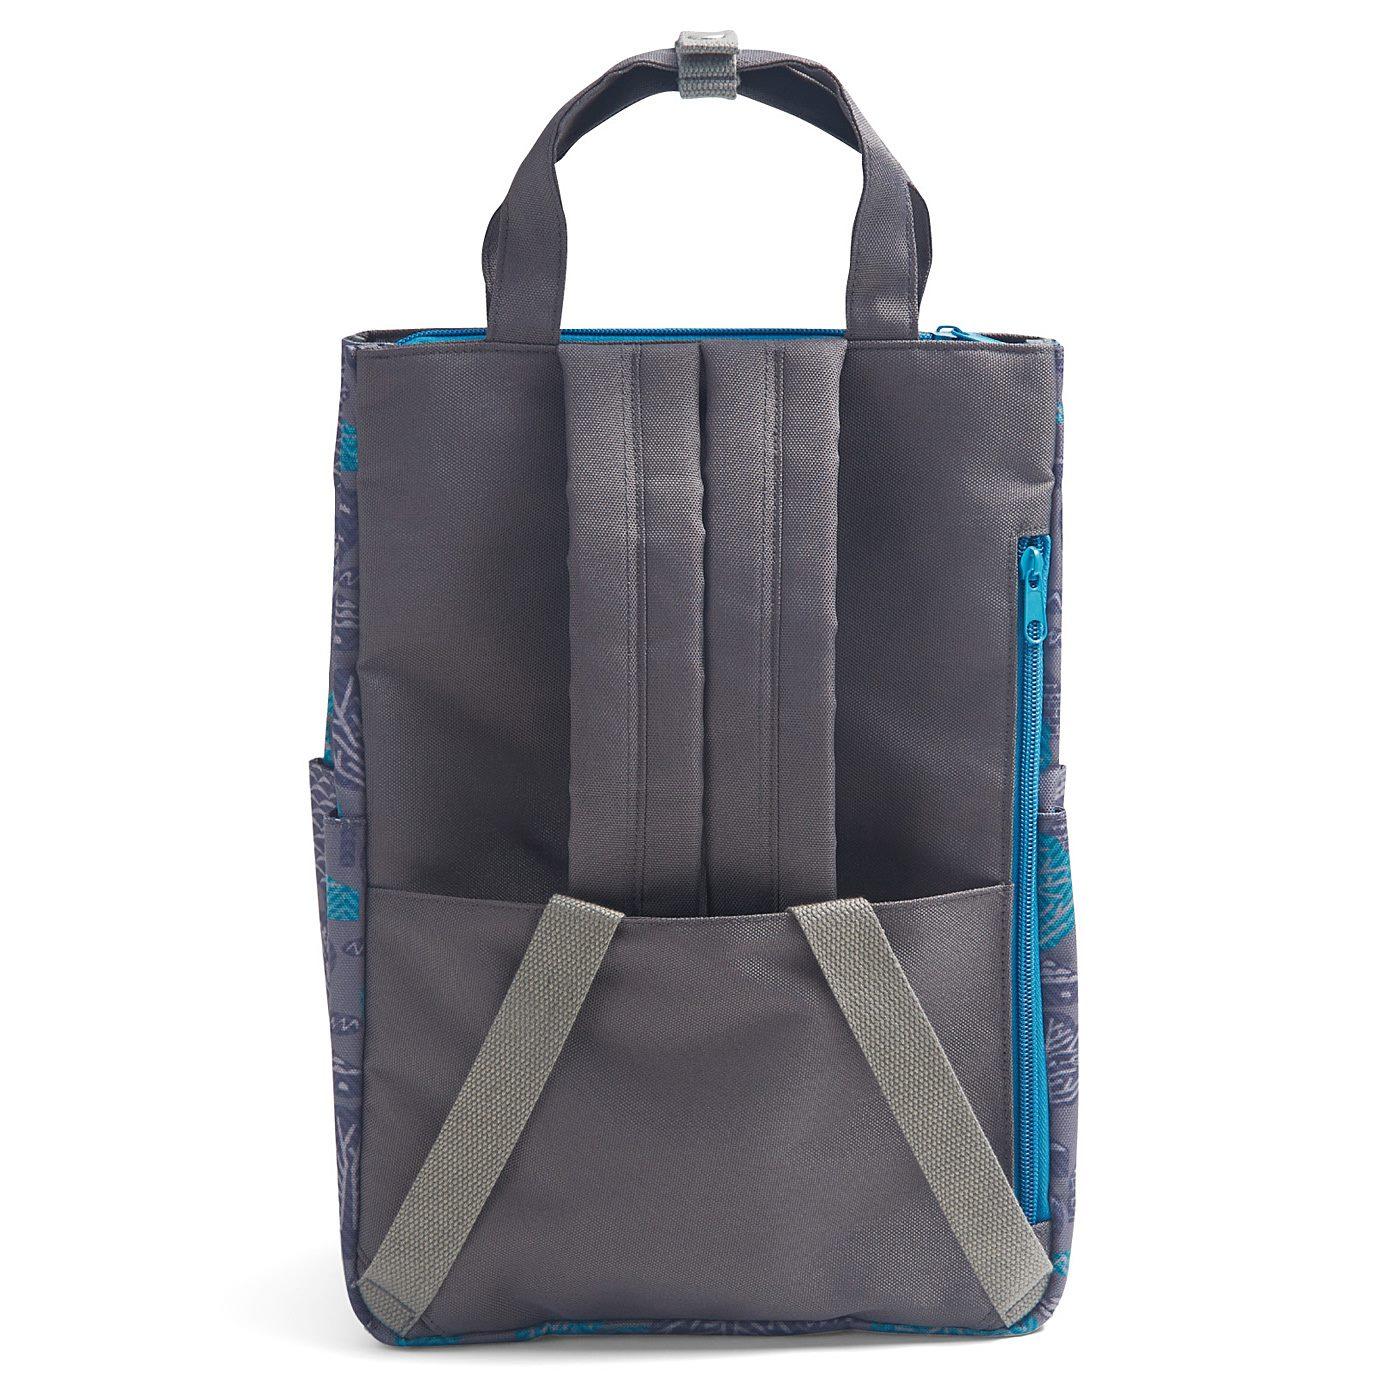 トートバッグとして手持ちする際は、背面のポケットにショルダーストラップをしまえてストラップが地面にすりません。